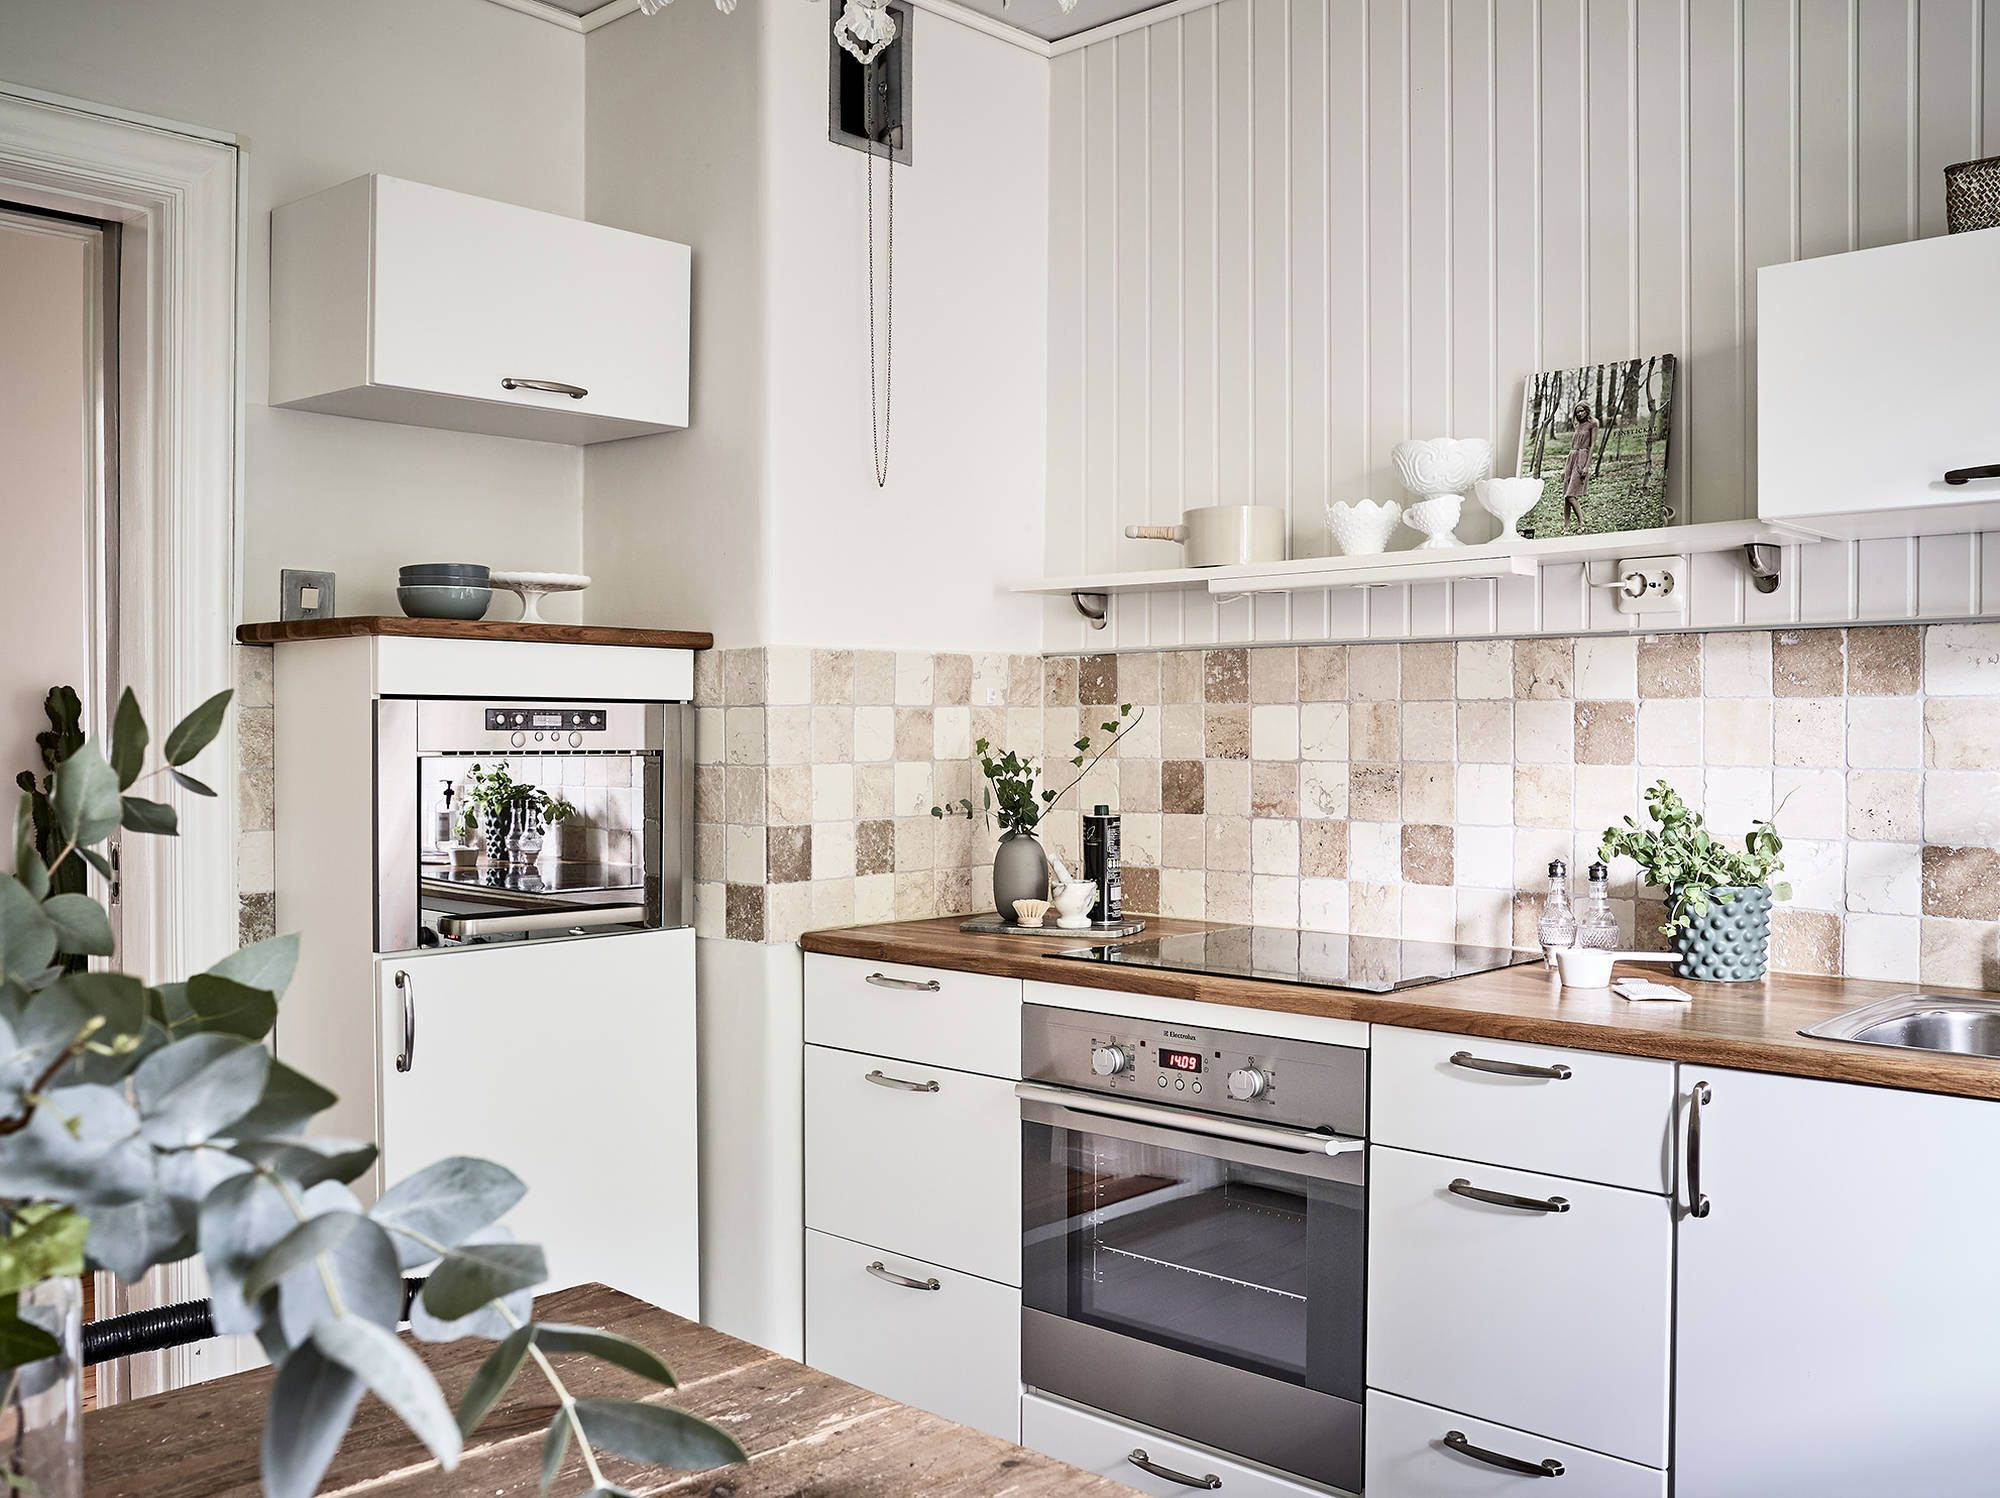 Stor och ljus landshövdingehustrea med eldningsbar braskamin | Kitchens